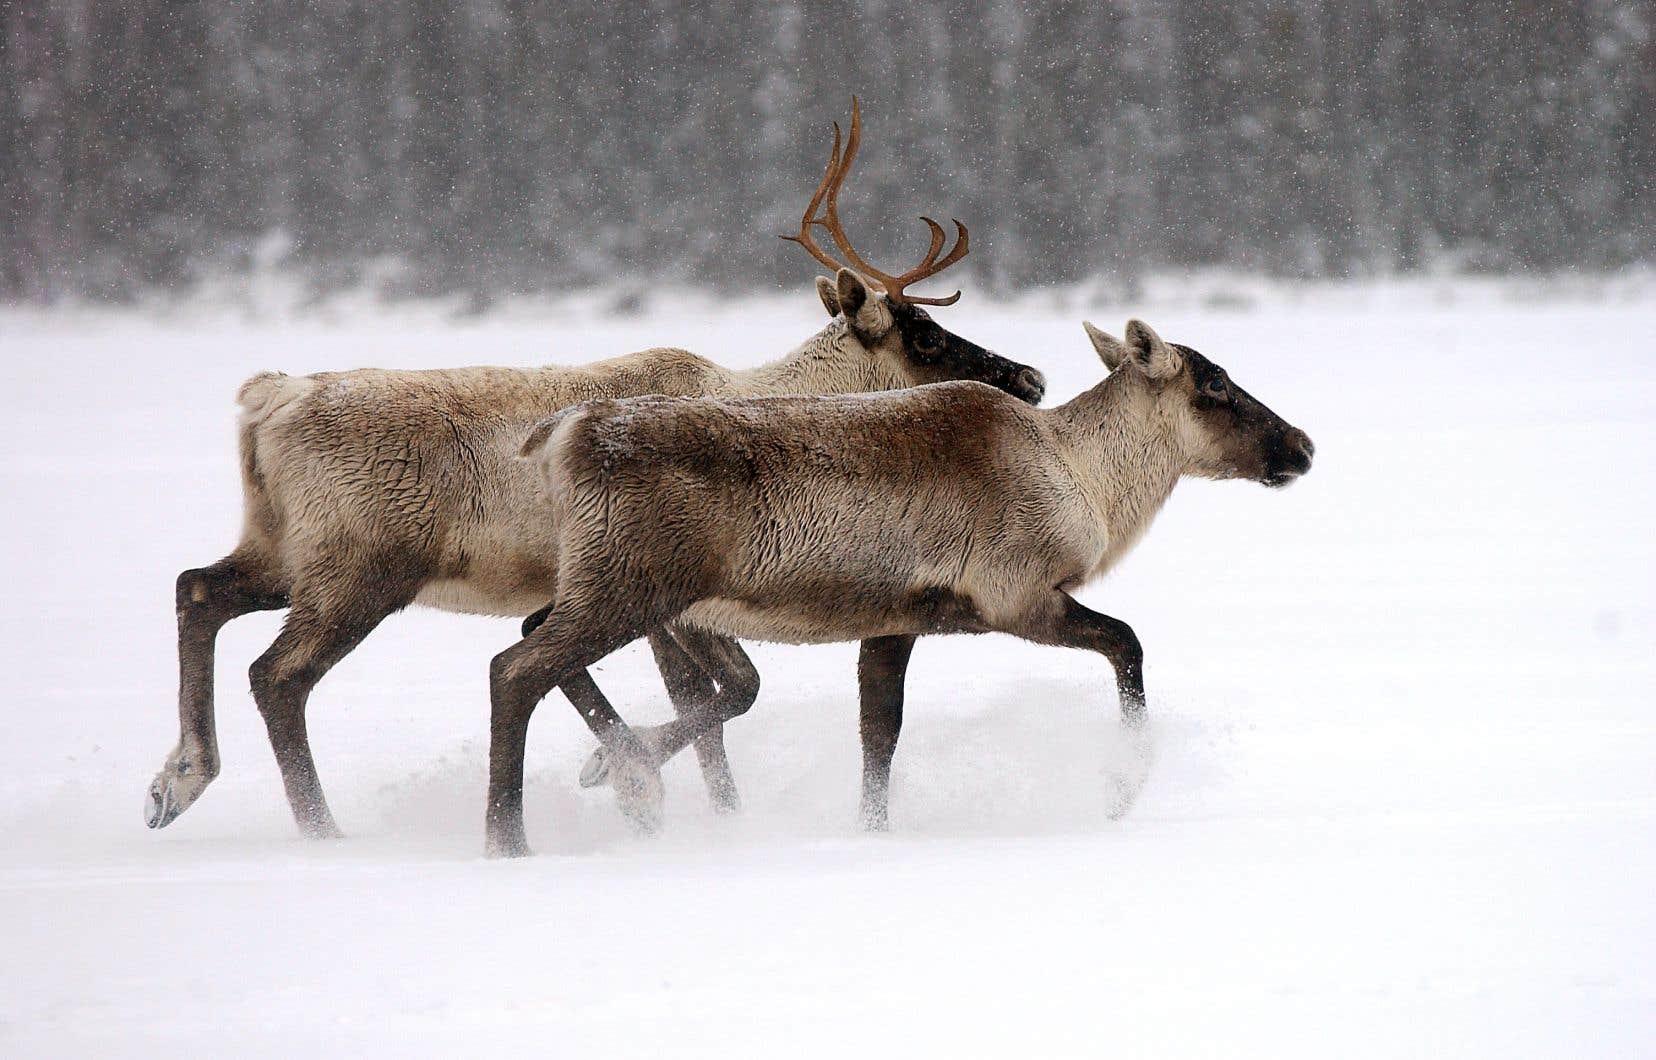 Les quelque 18 caribous restants devraient disparaître d'ici quelques années au plus tard.